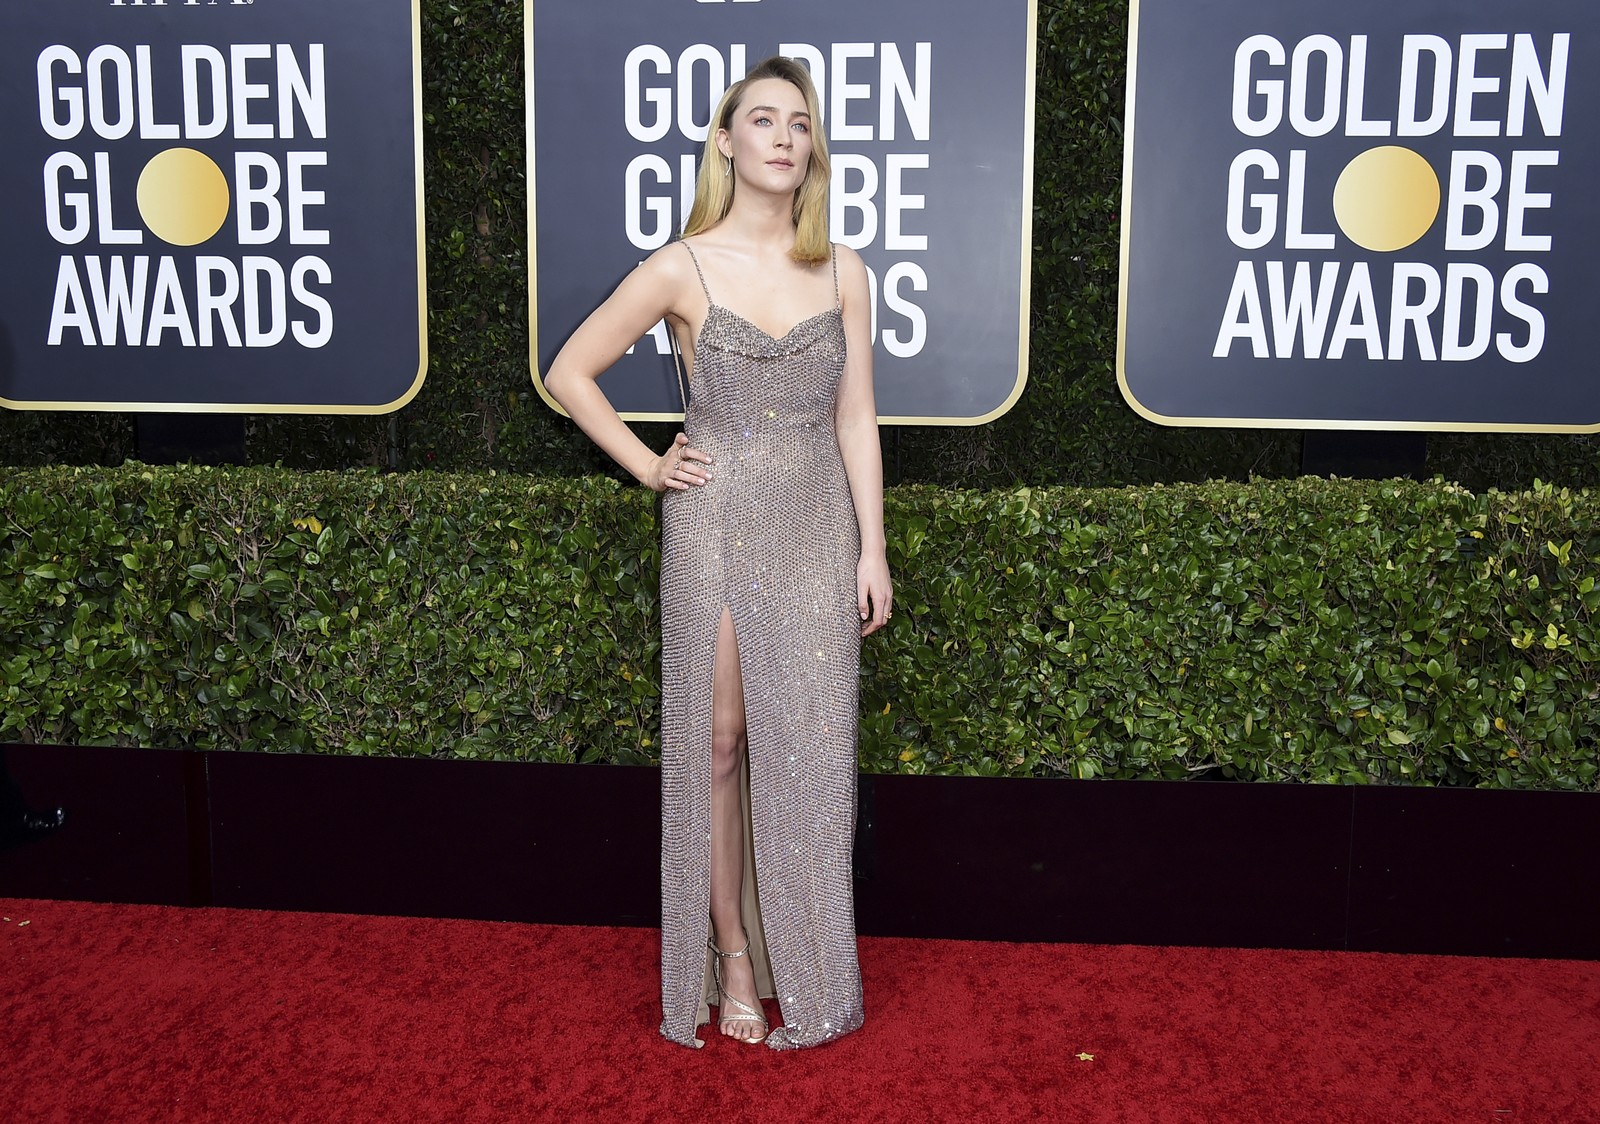 Saoirse Ronan posou no tapete vermelho do Golden Globes, com o vestido de alcinhas finas, sem volume e uma fenda lateral. — Foto: Jordan Strauss/AP